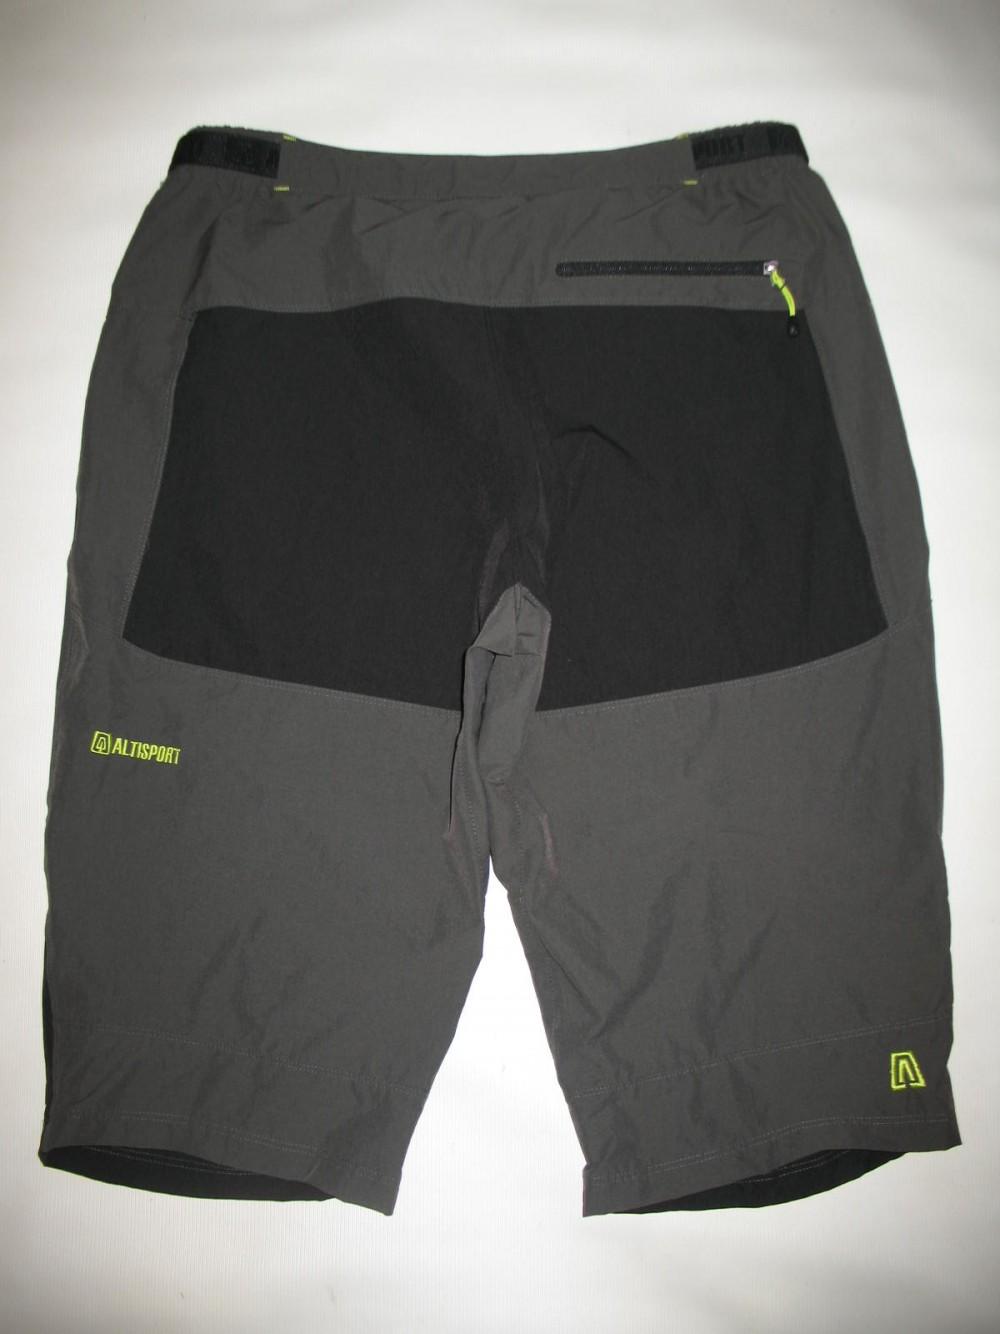 Шорты ALTISPORT trail shorts (размер L) - 3